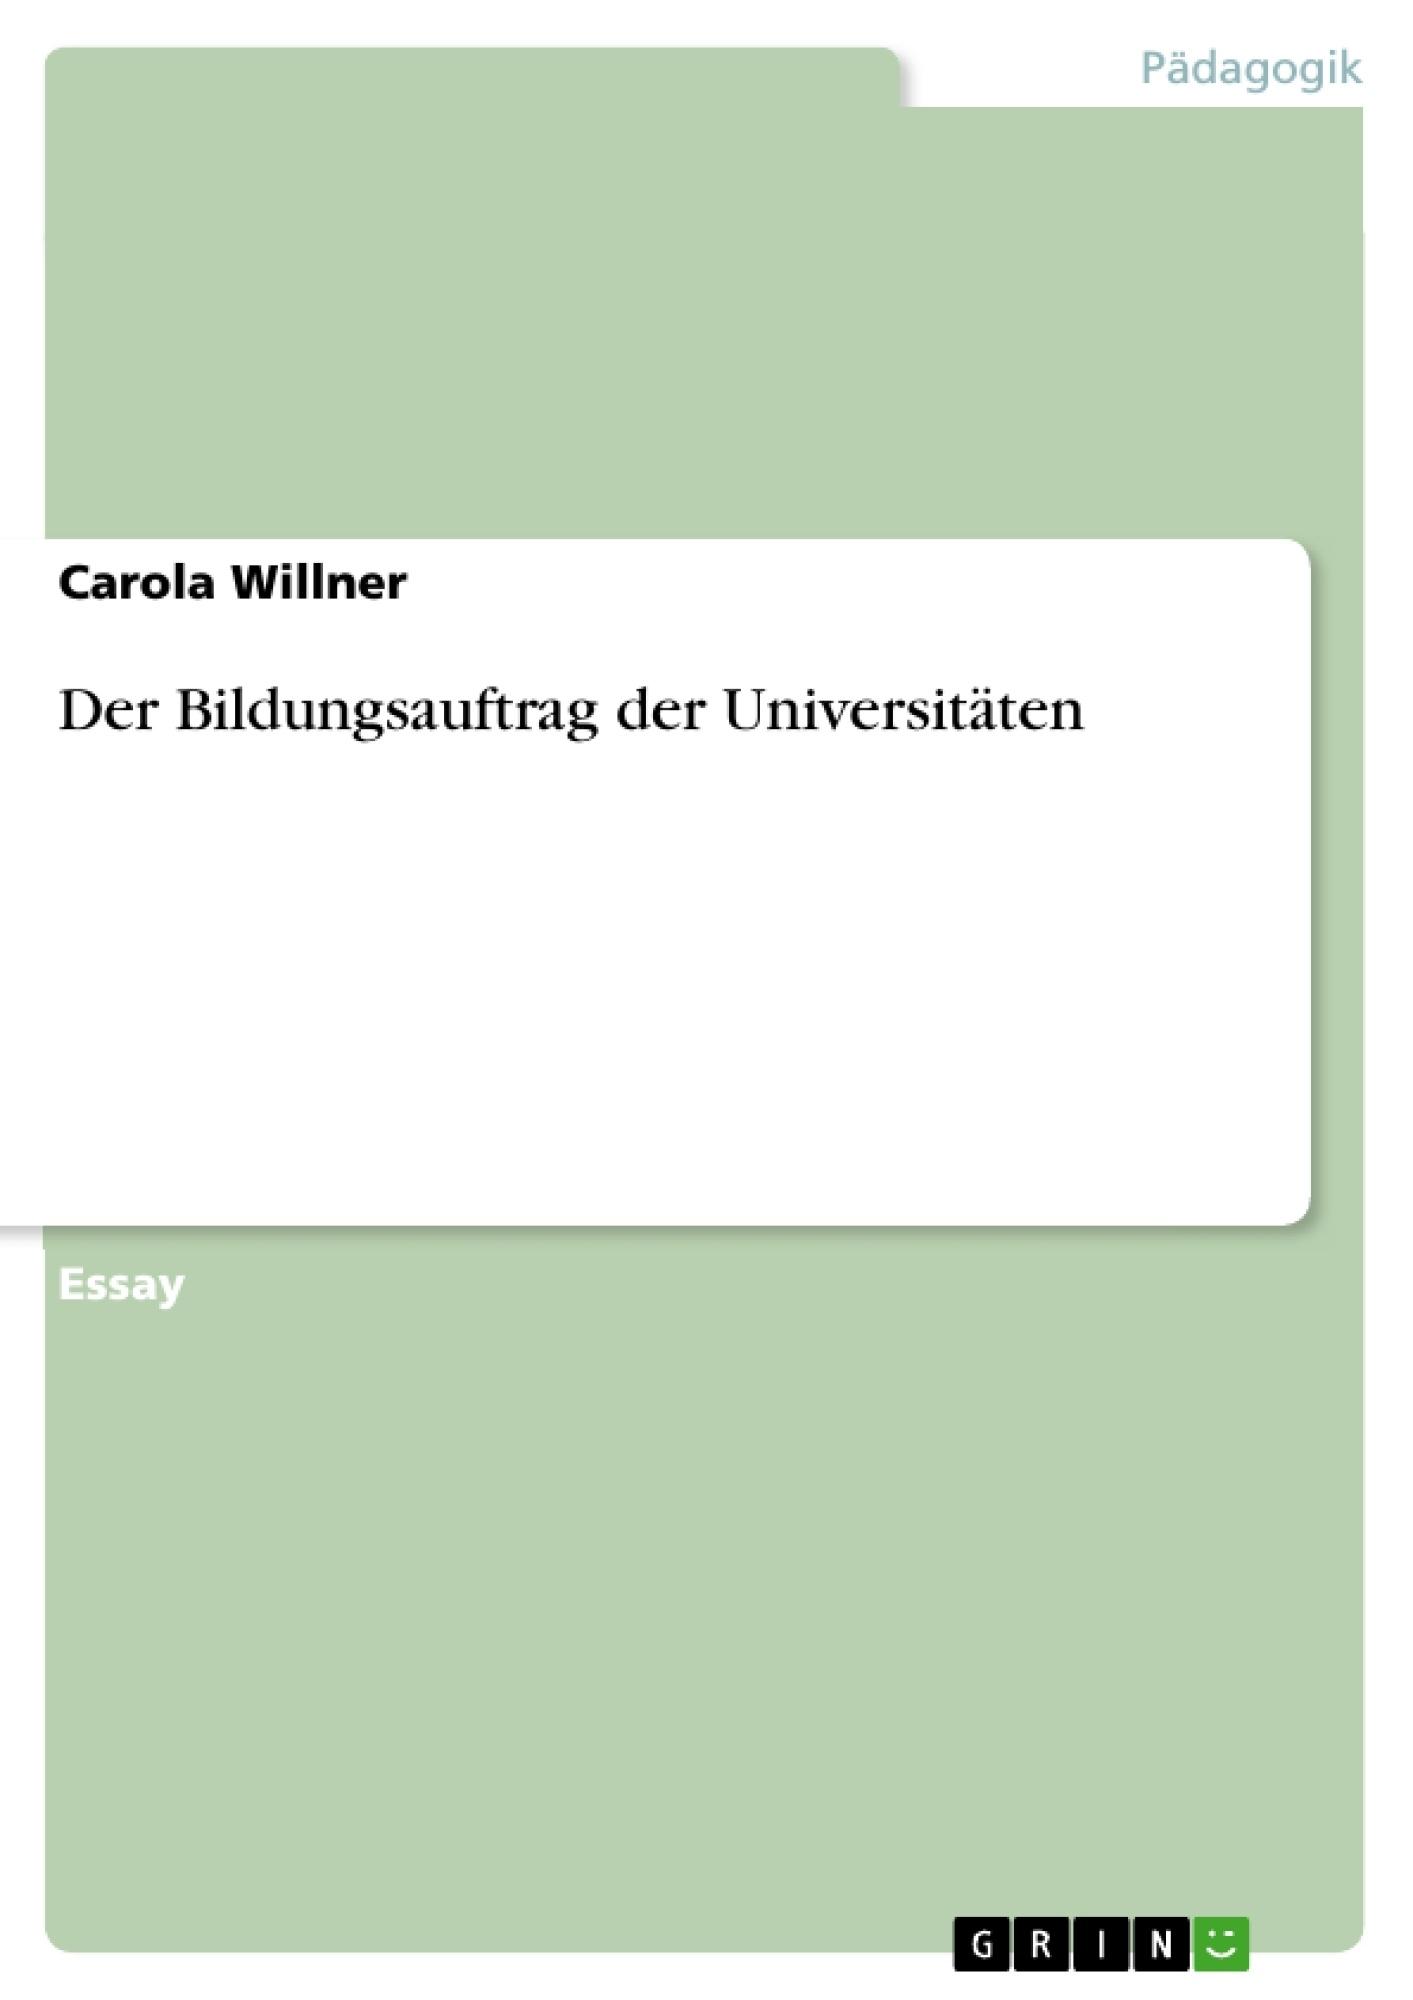 Titel: Der Bildungsauftrag der Universitäten